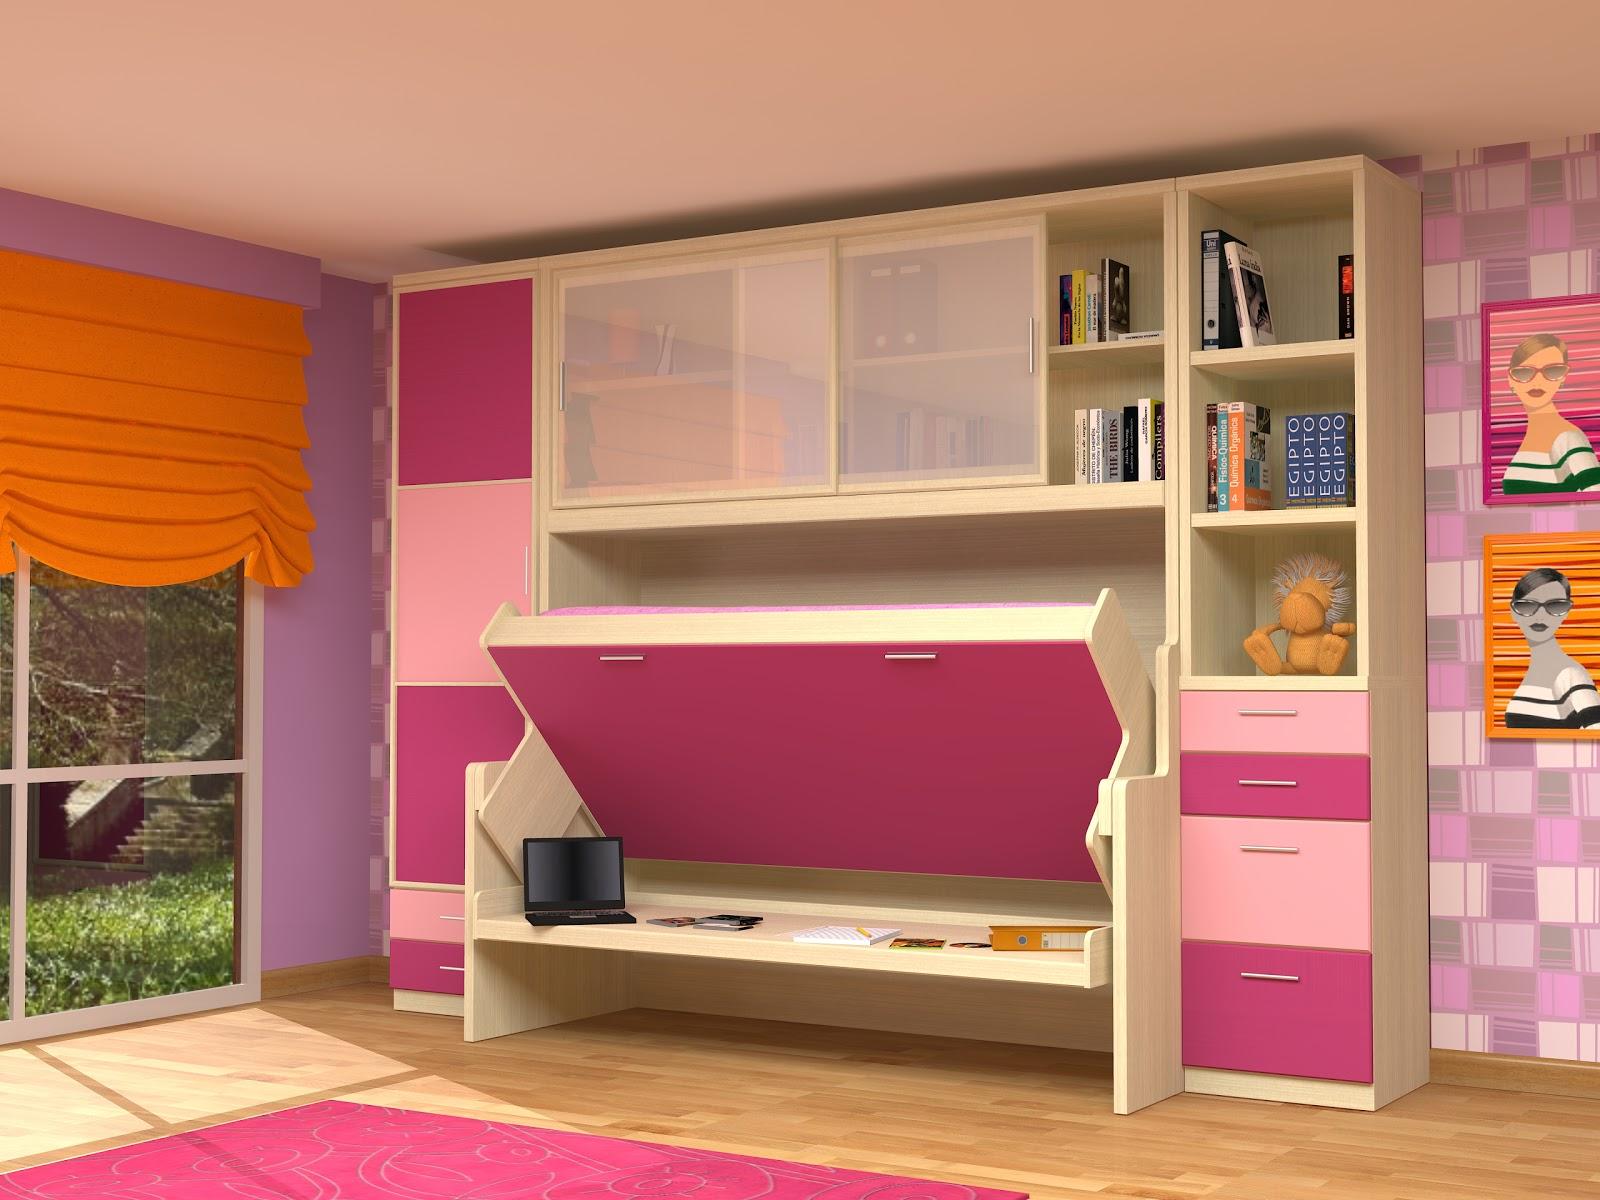 Cama mesa abatible camas autoportantes cama escritorio - Muebles con cama abatible ...